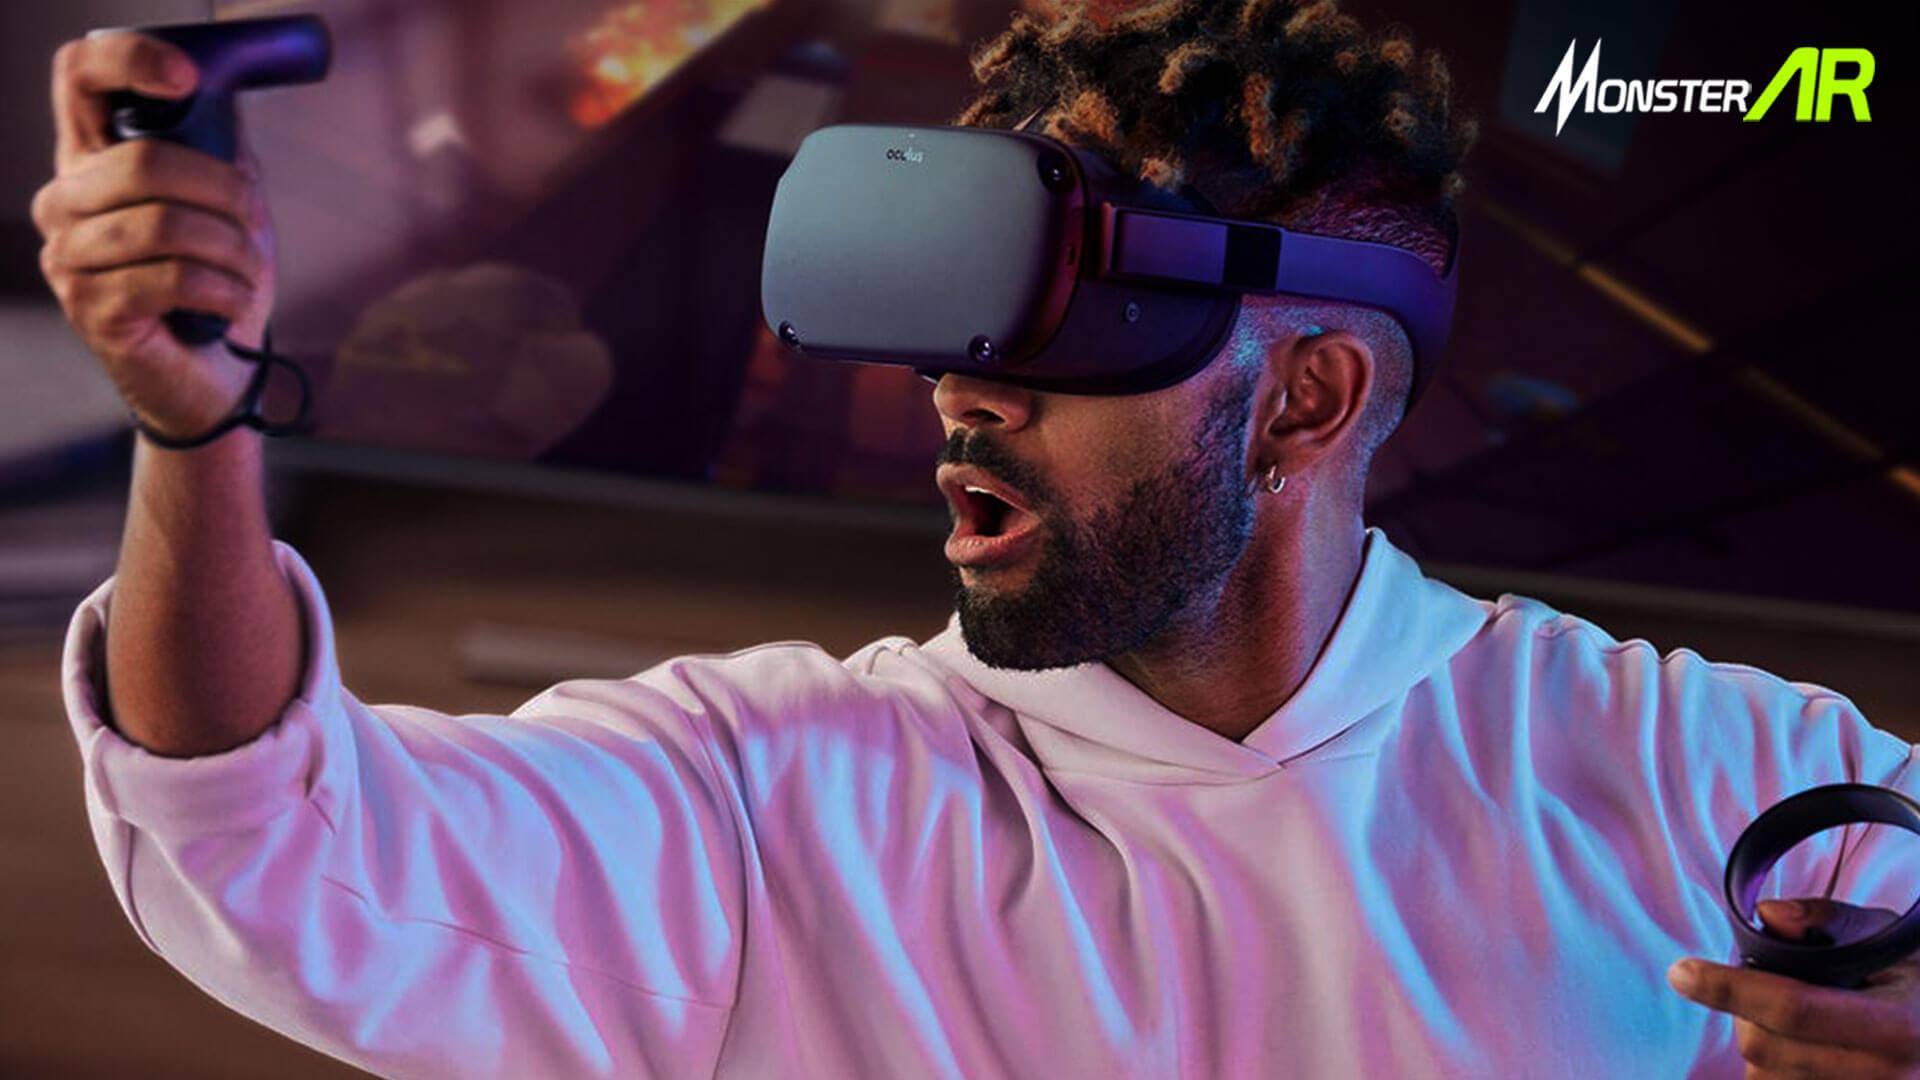 Cara Identifikasi Pengguna VR